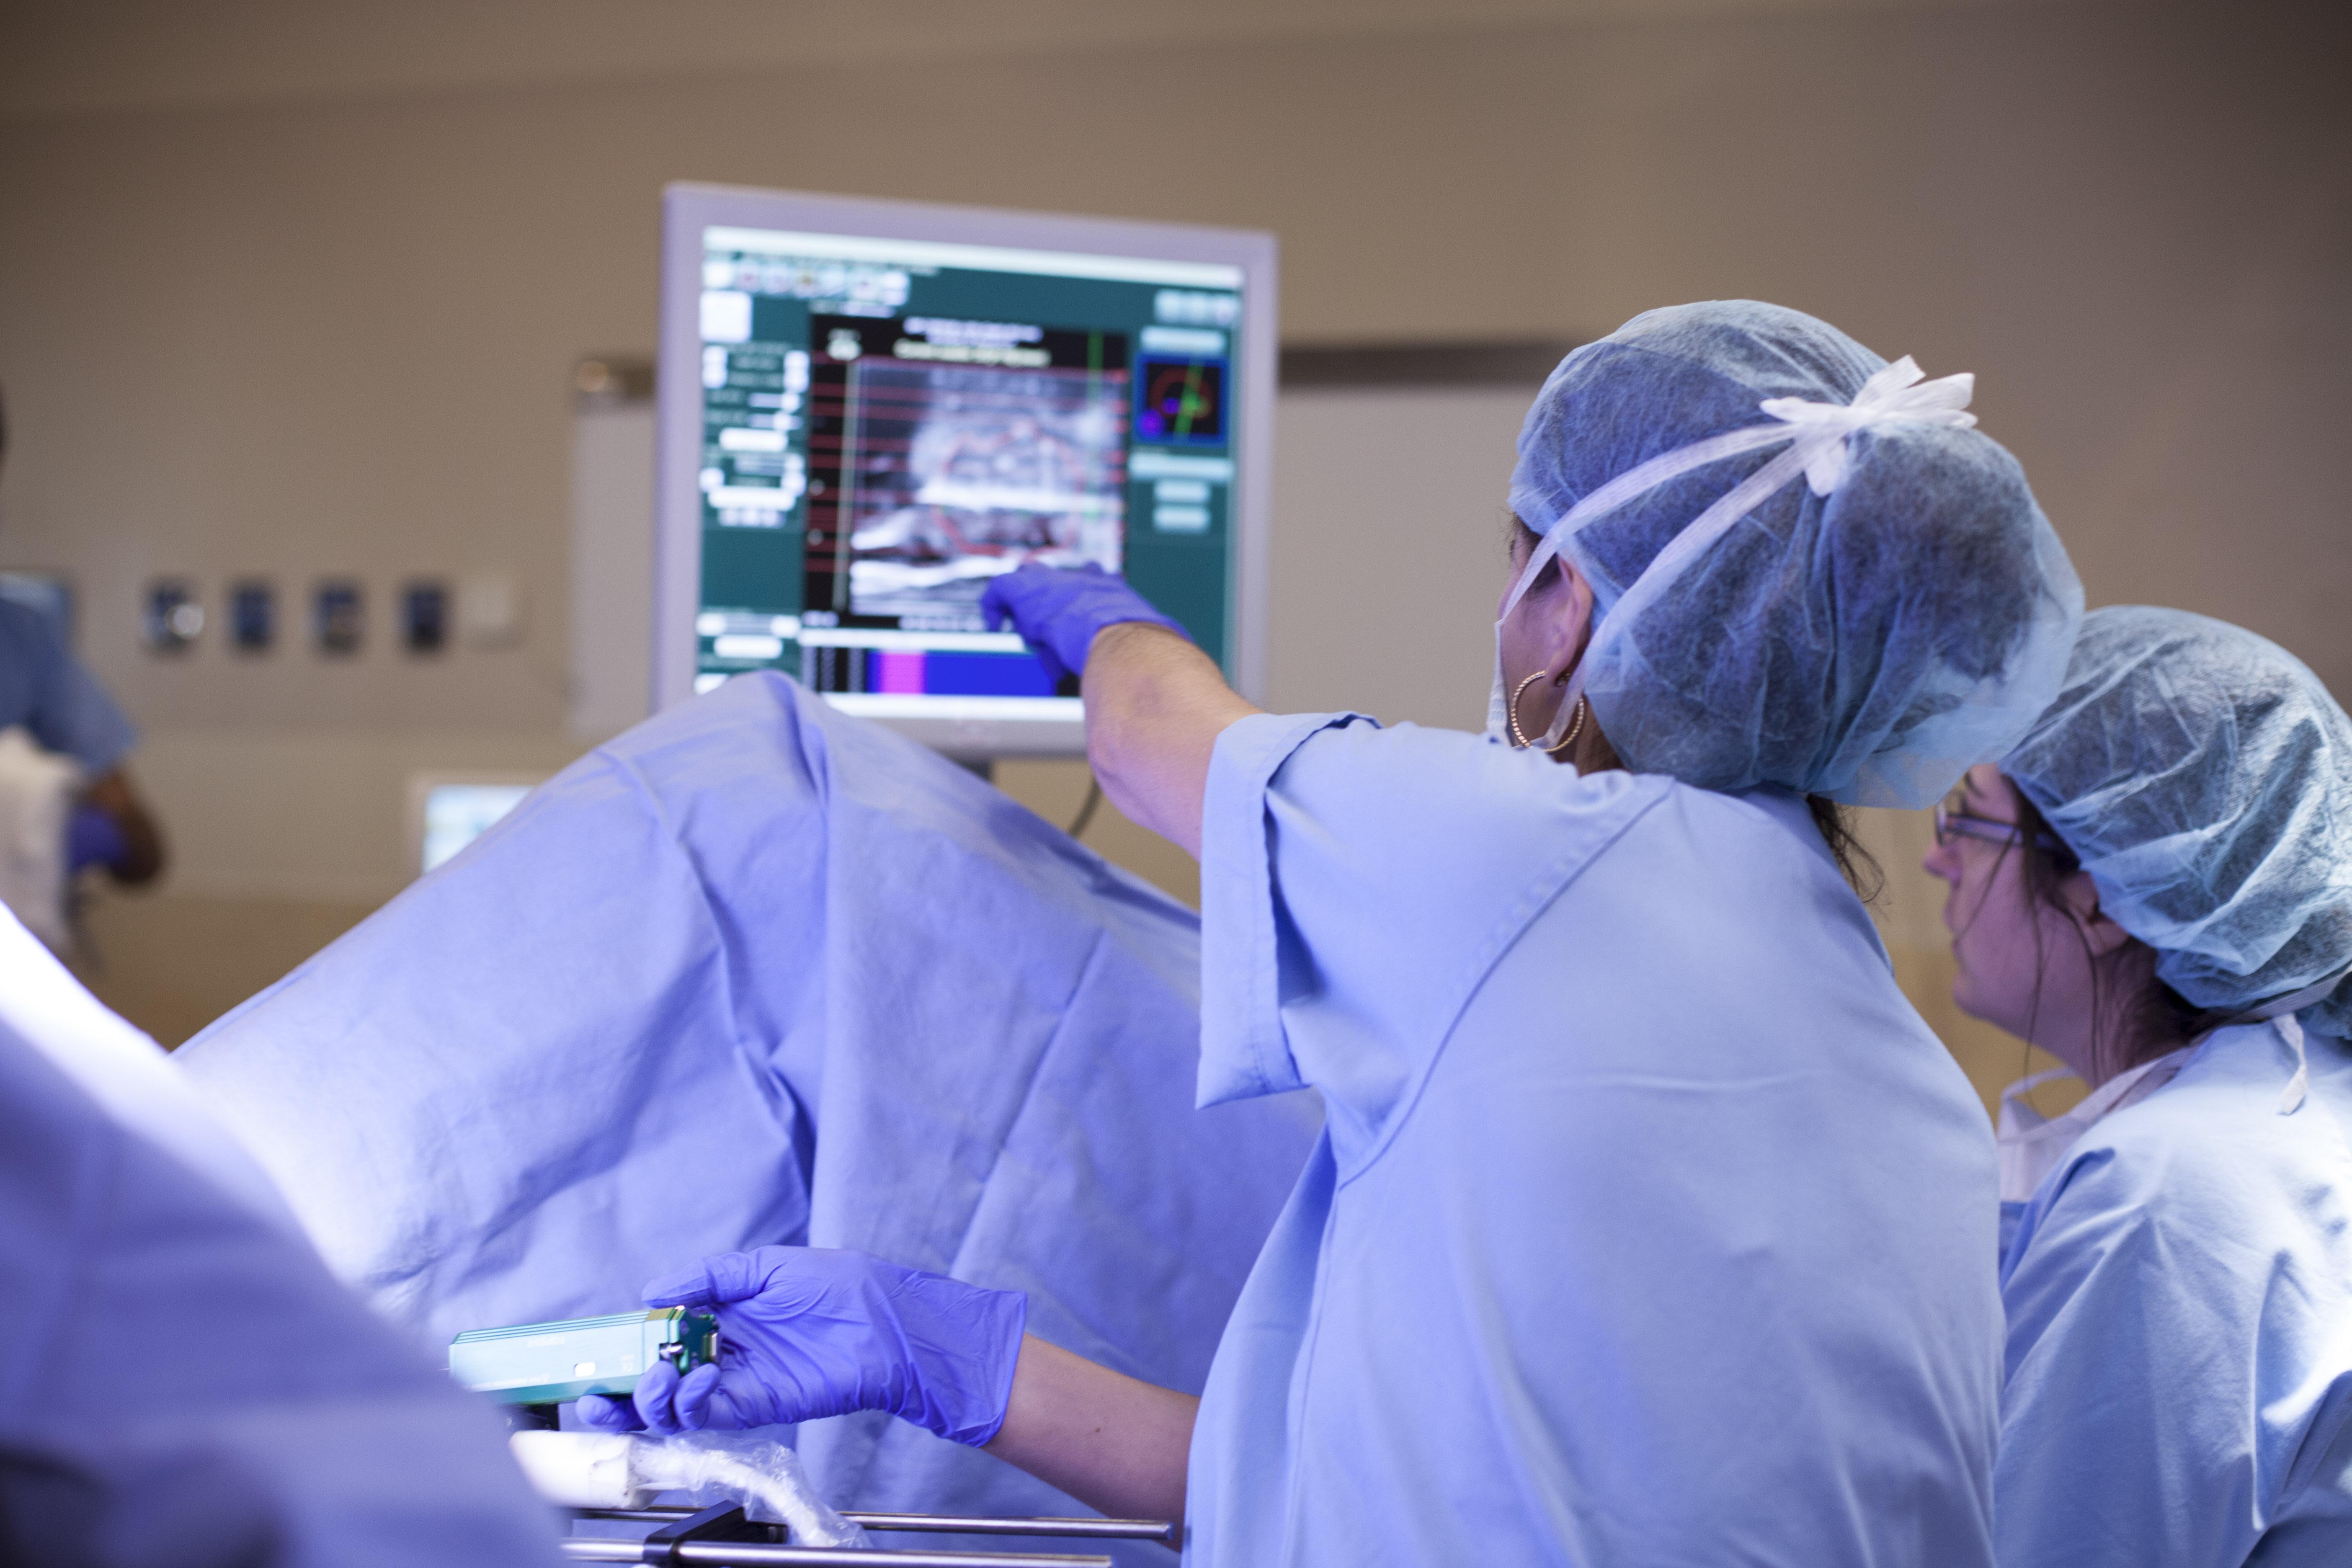 video de biopsia de próstata y dolorosas